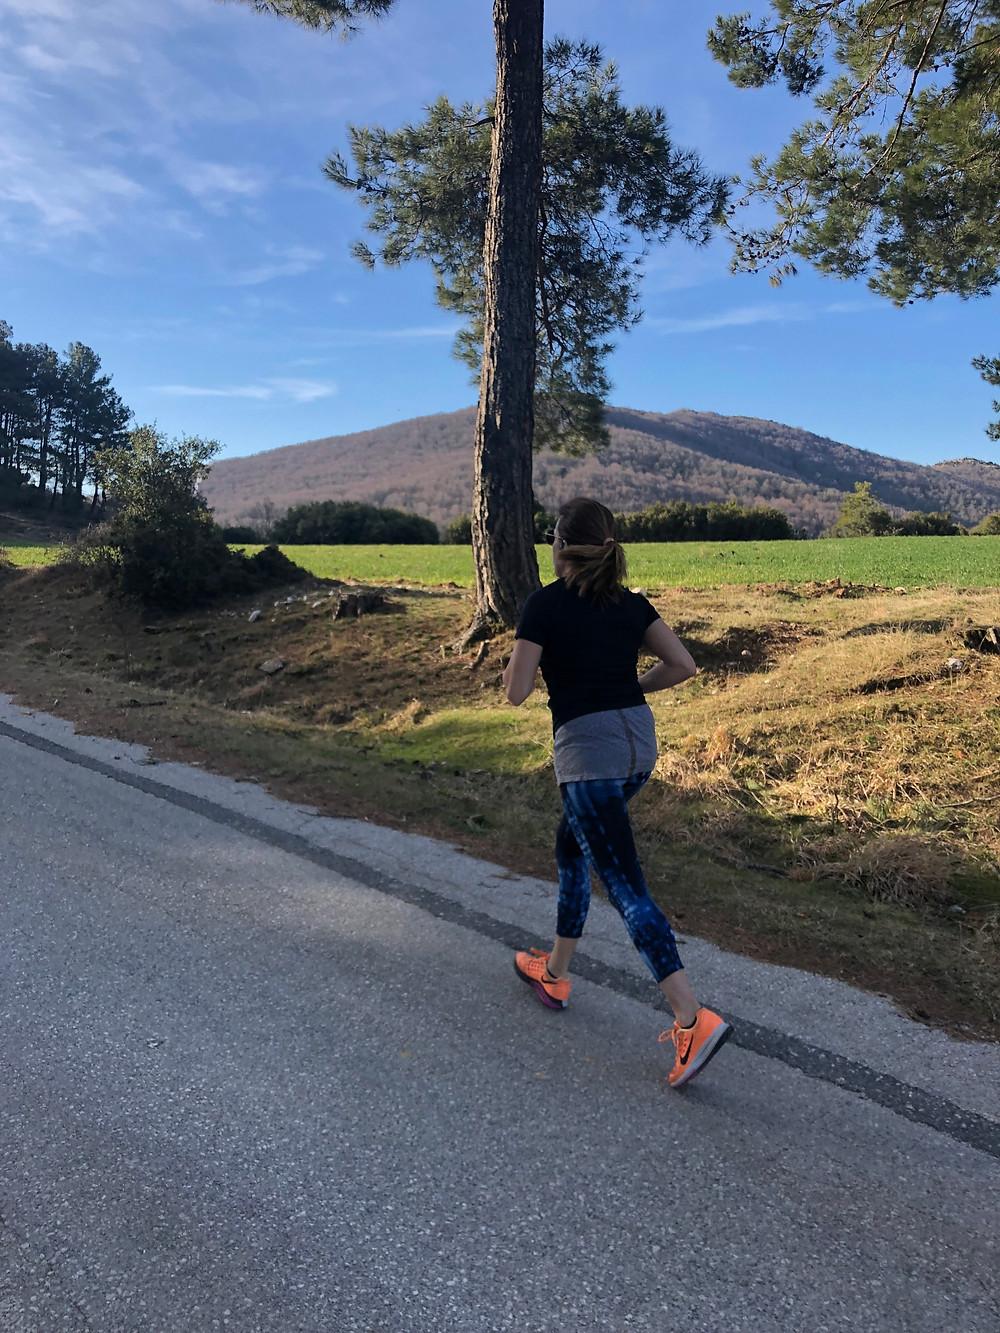 Τρέχοντας στο βουνό.